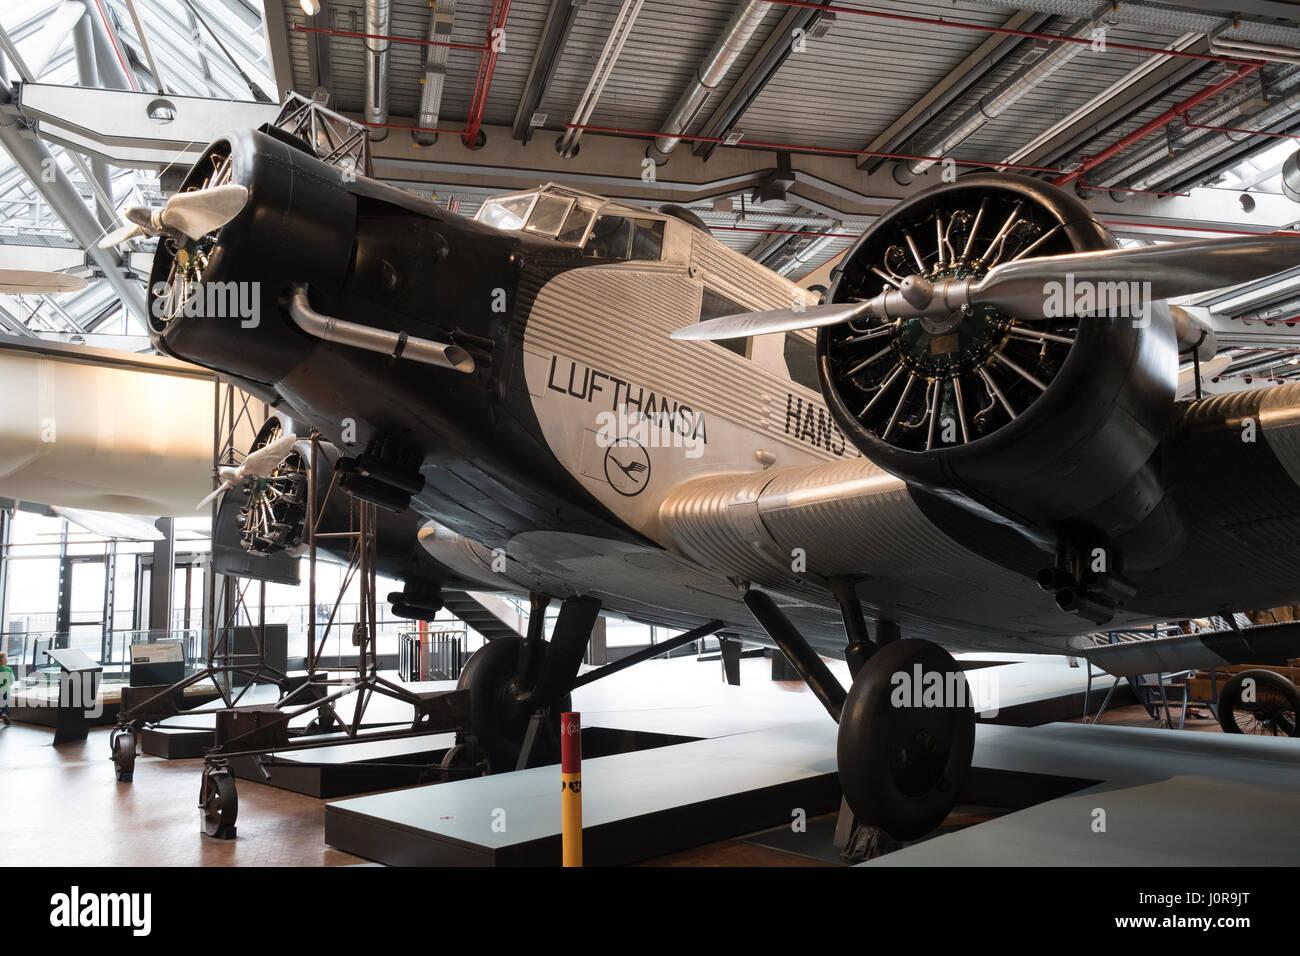 Junkers Berlin junkers ju 52 on display at deutsches technikmuseum german museum of stock photo royalty free